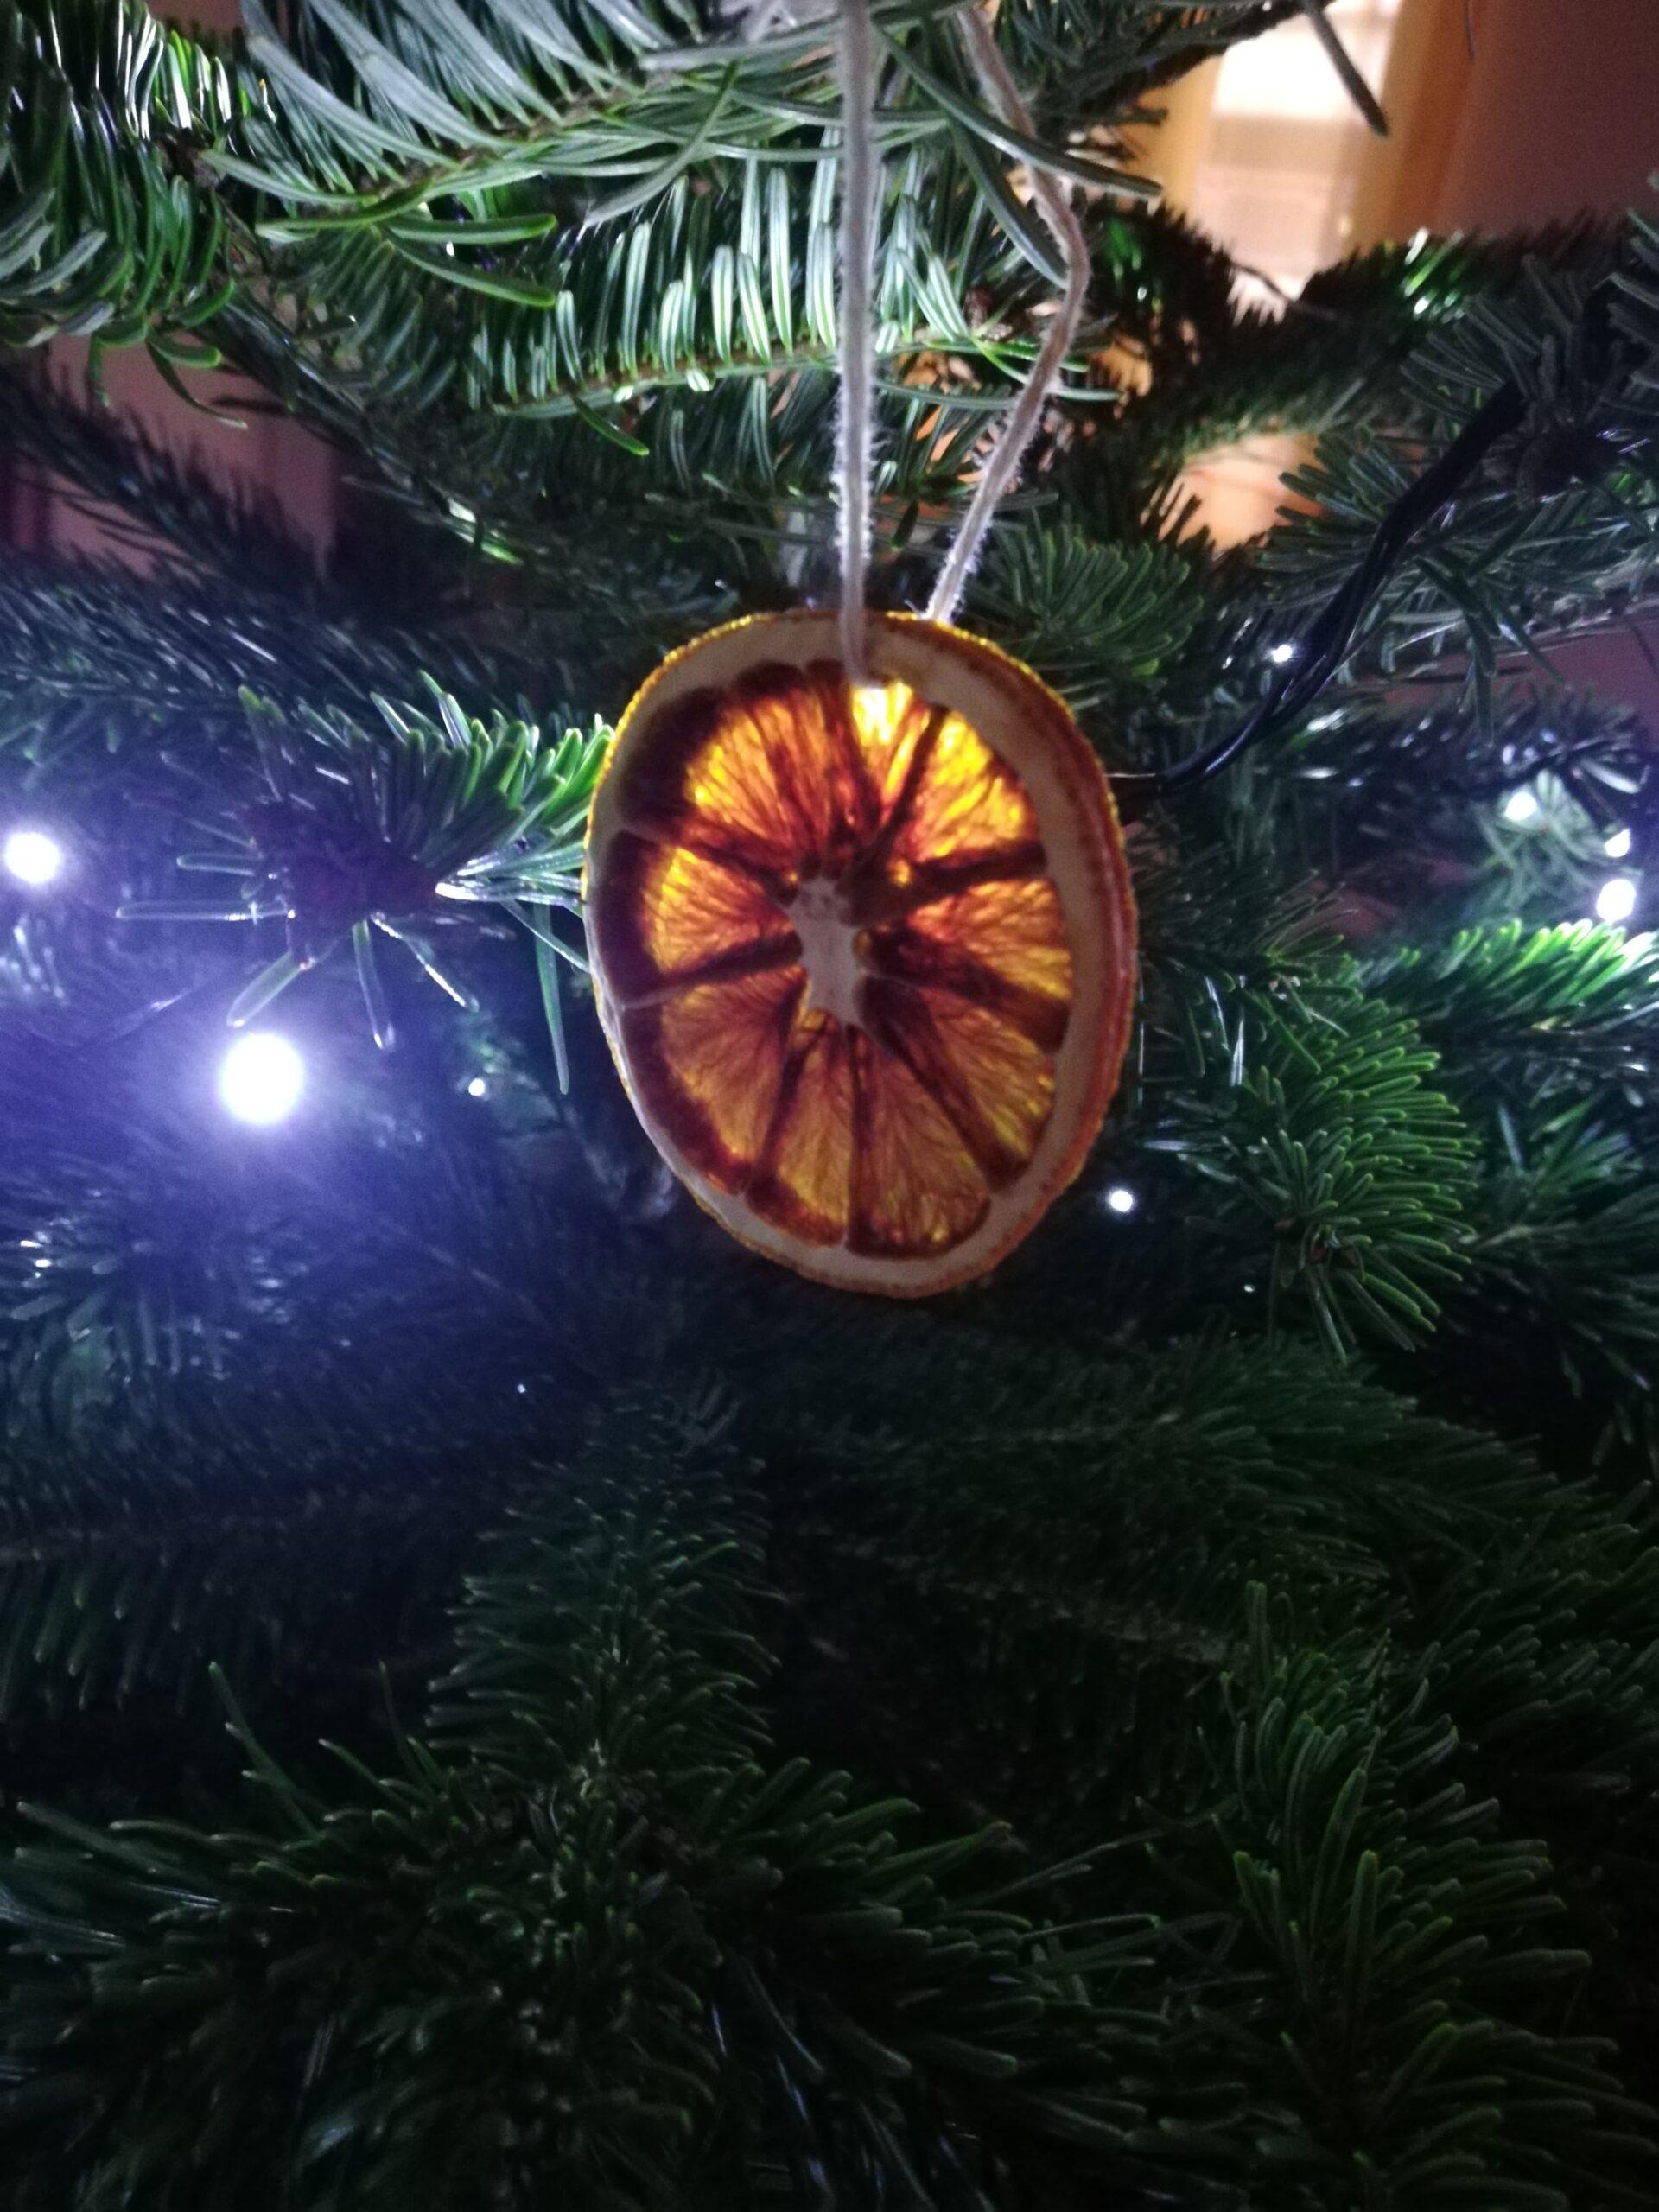 Entre les branches du sapin, une décoration faite main. Une tranche d'orange séchée.